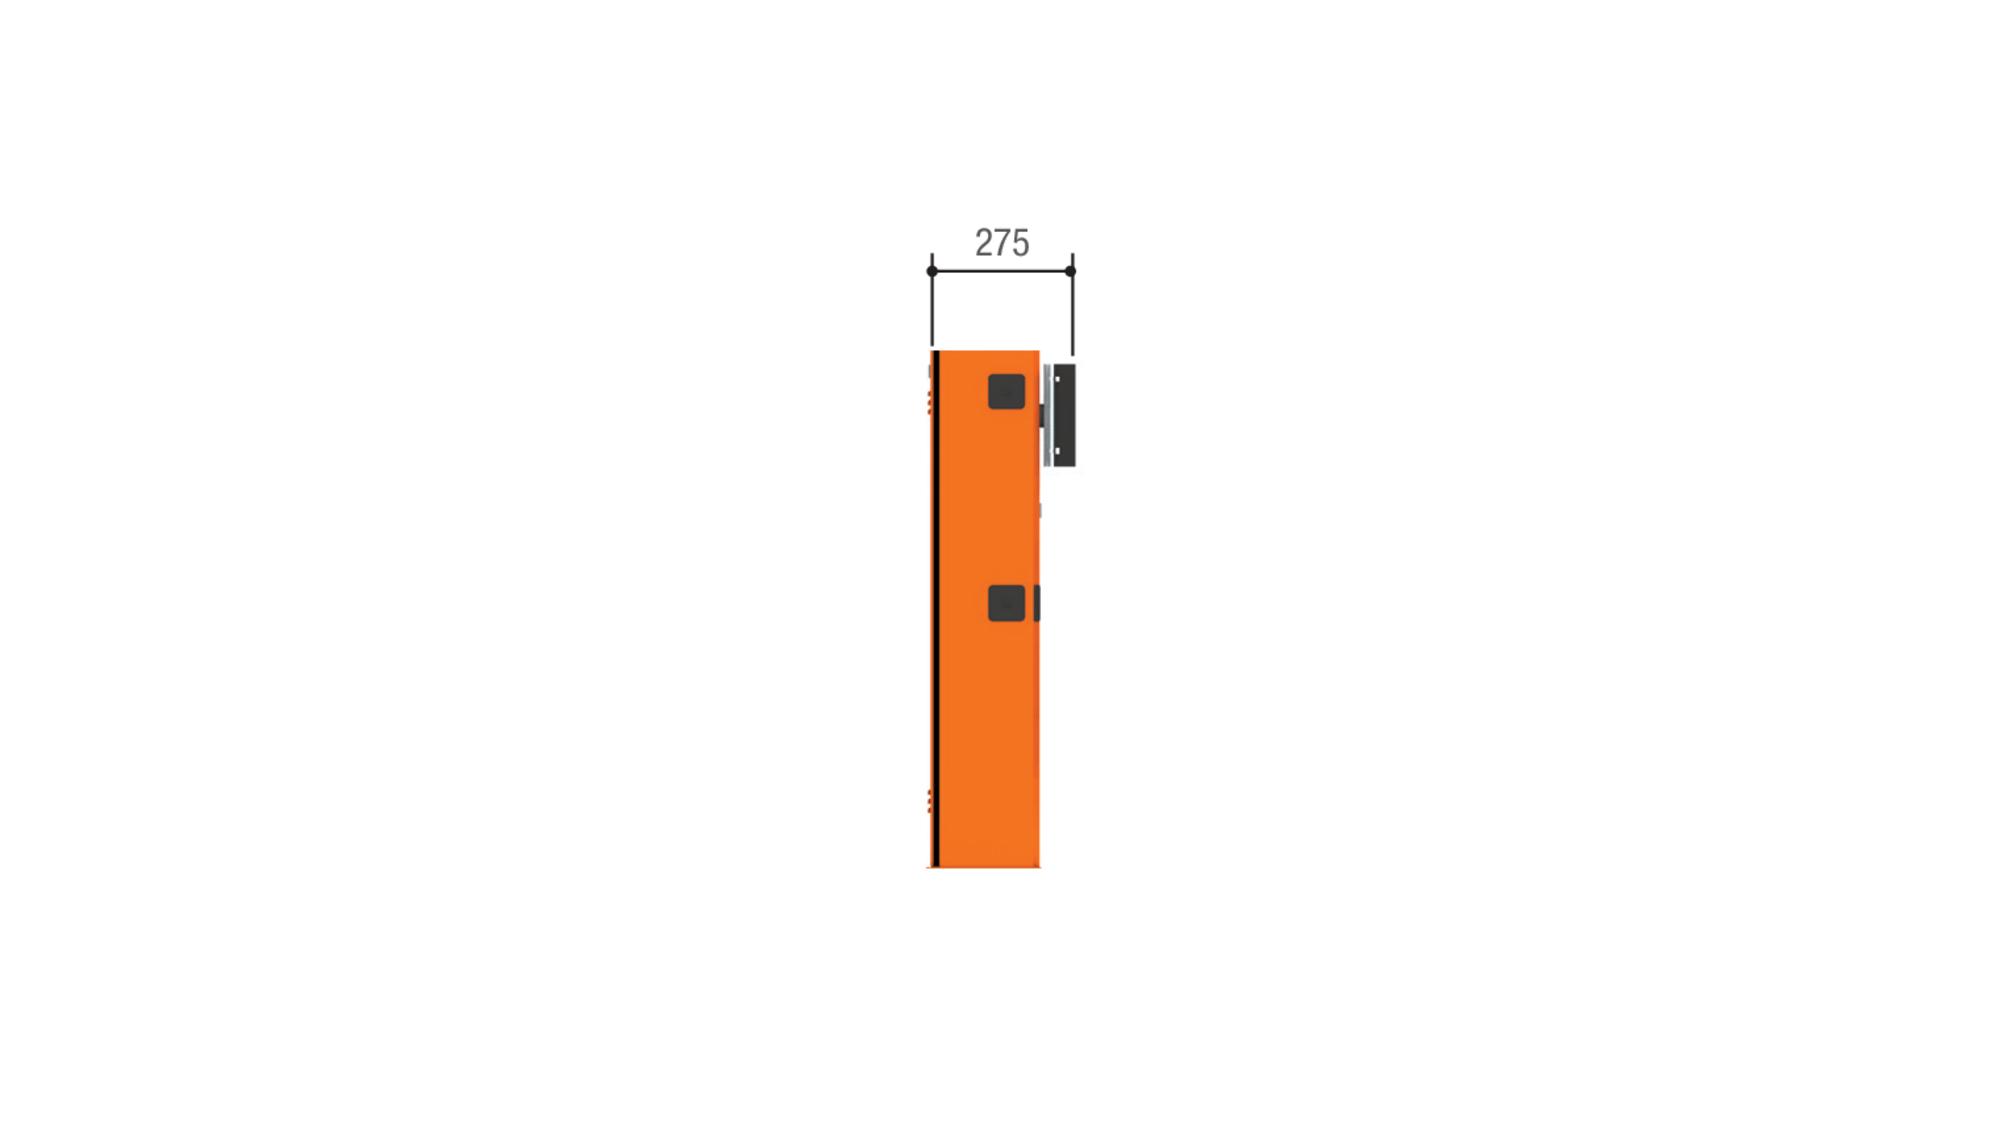 Тумба G2500 шлагбаума CAME GARD 2500 из оцинкованной и окрашенной стали для левостороннего монтажа